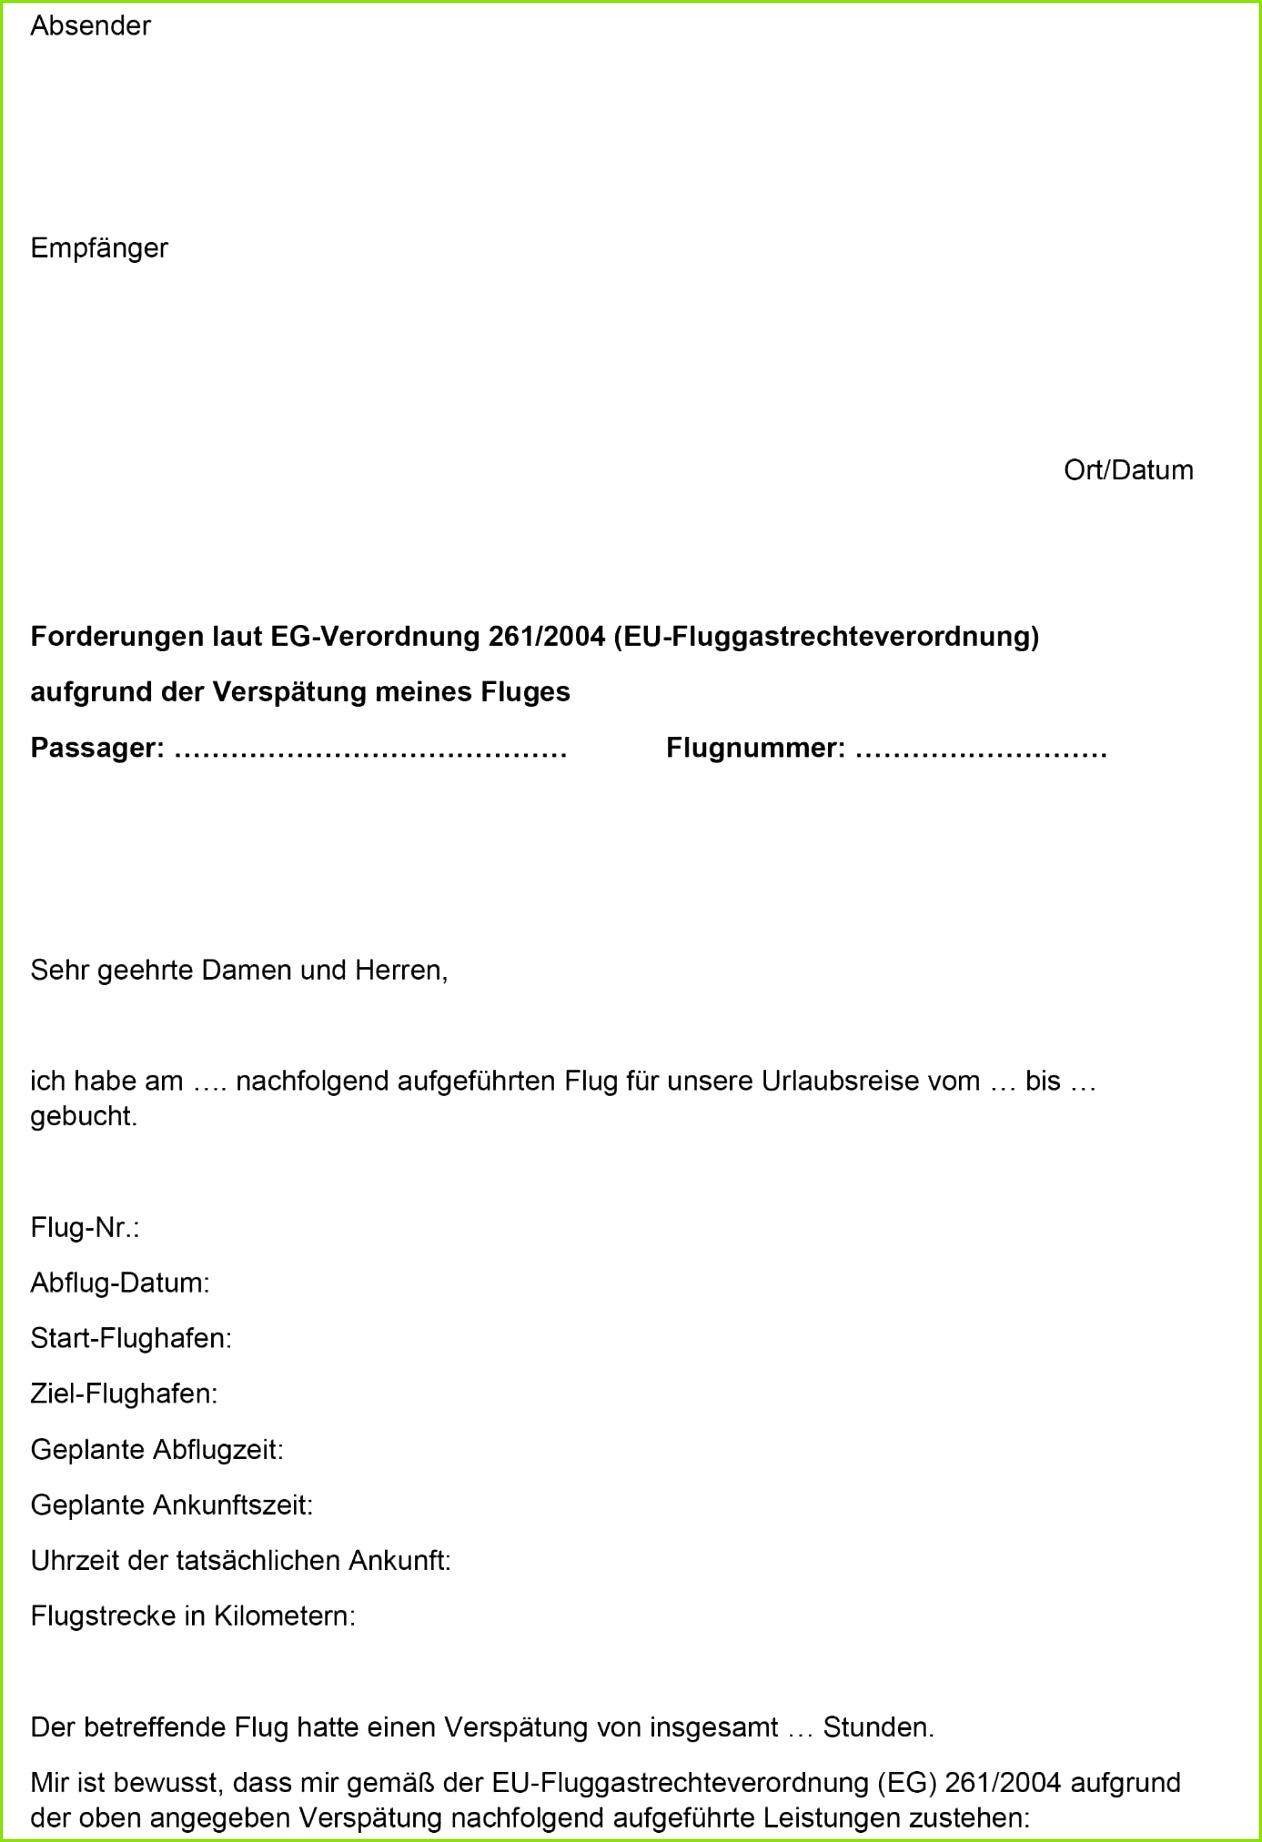 Gallery of nung schreiben vorlage word kostenlos rechnung schreiben Brief Schreiben Vorlage – Sky Sonderkündigung Vorlage